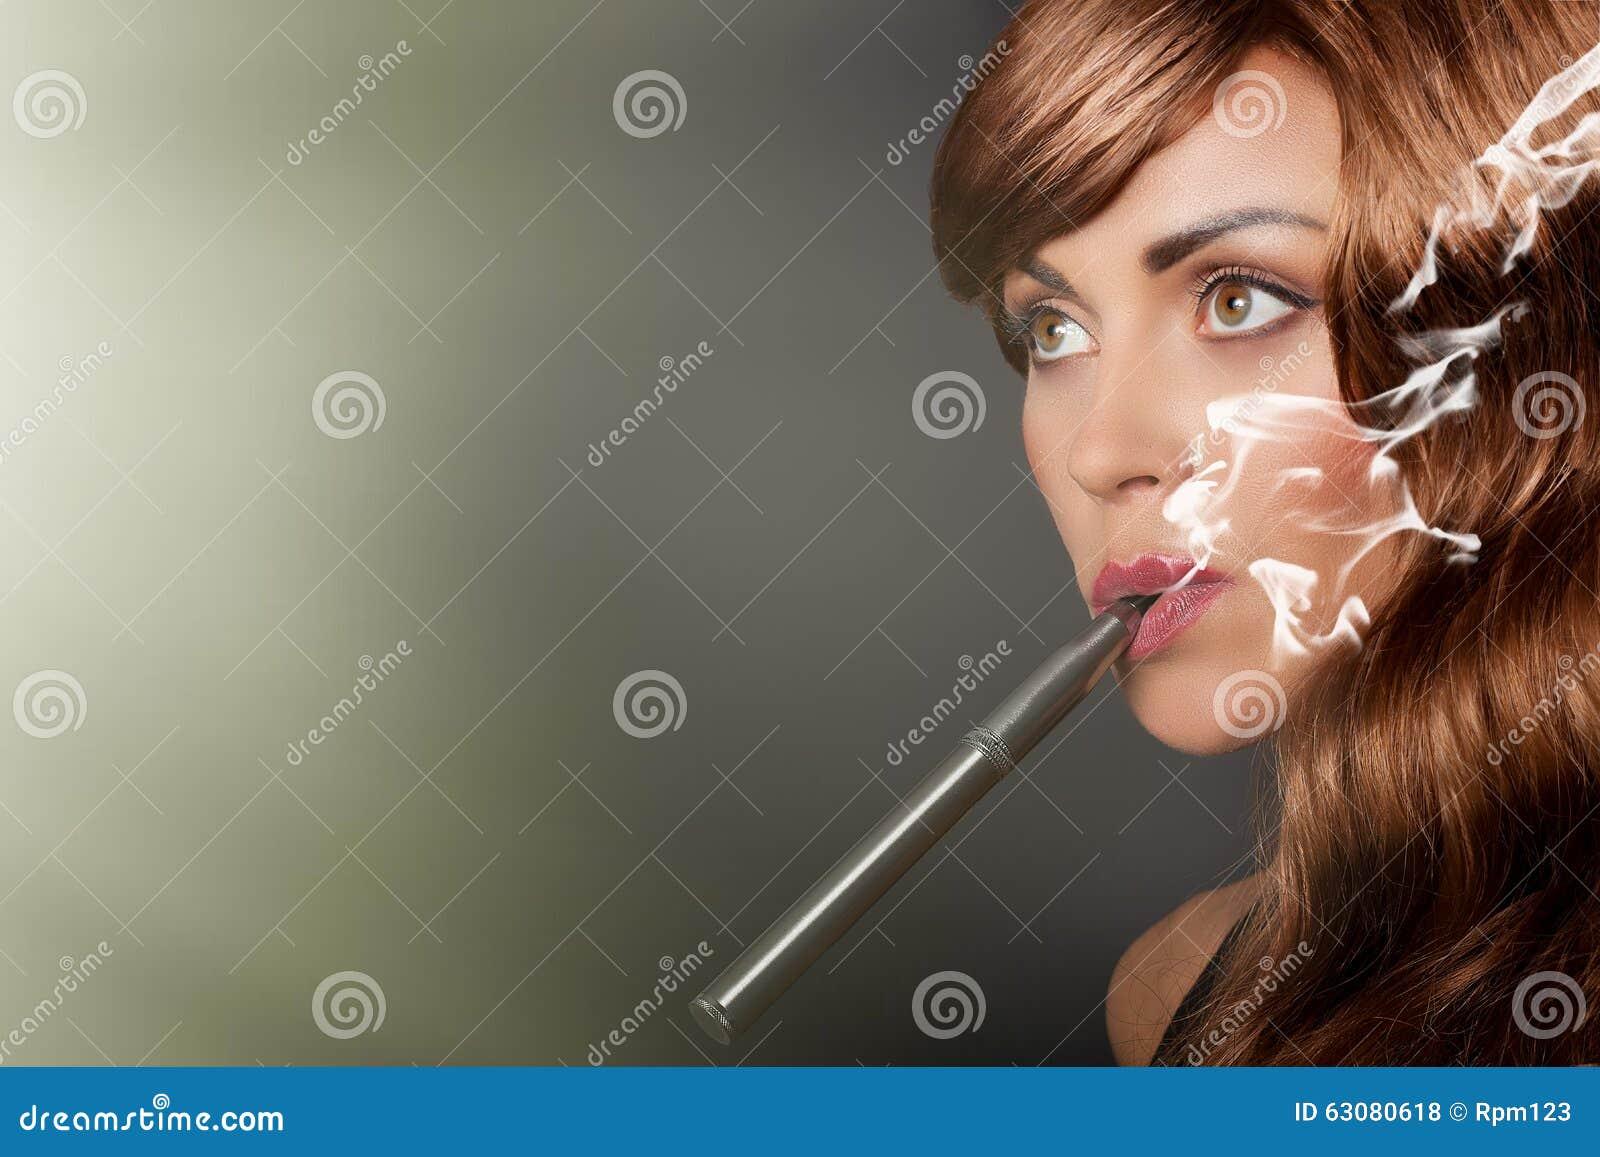 Download La Femme Fume Son Stylo De Vape Photo stock - Image du fumeur, élégant: 63080618